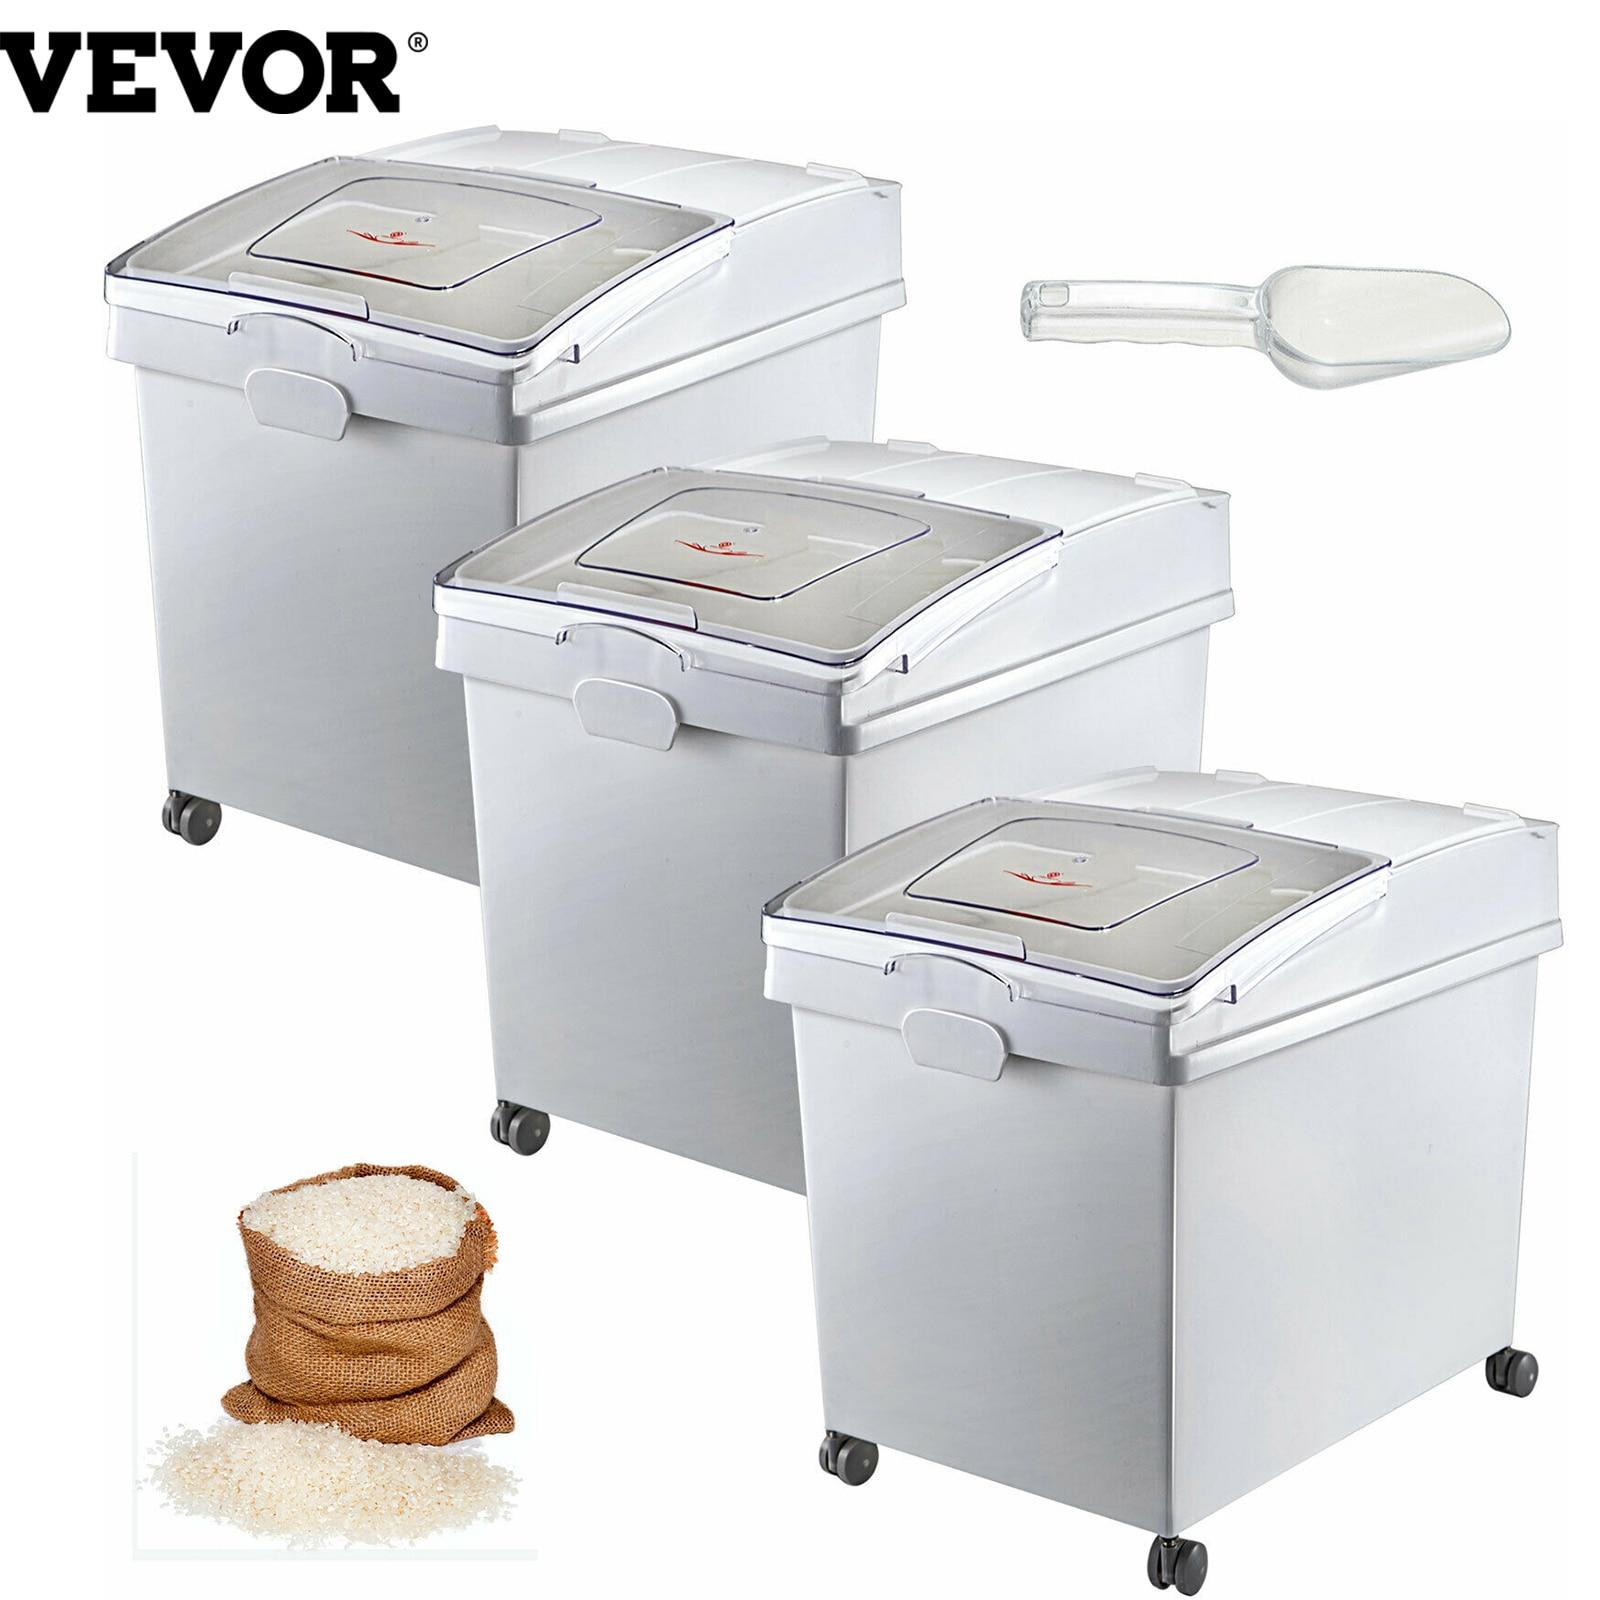 VEVOR صندوق تخزين المكونات الجافة مع مغرفة المذرة موثوقة الغبار صحي دقيق فول الصويا مطعم المطبخ التجاري المنزل